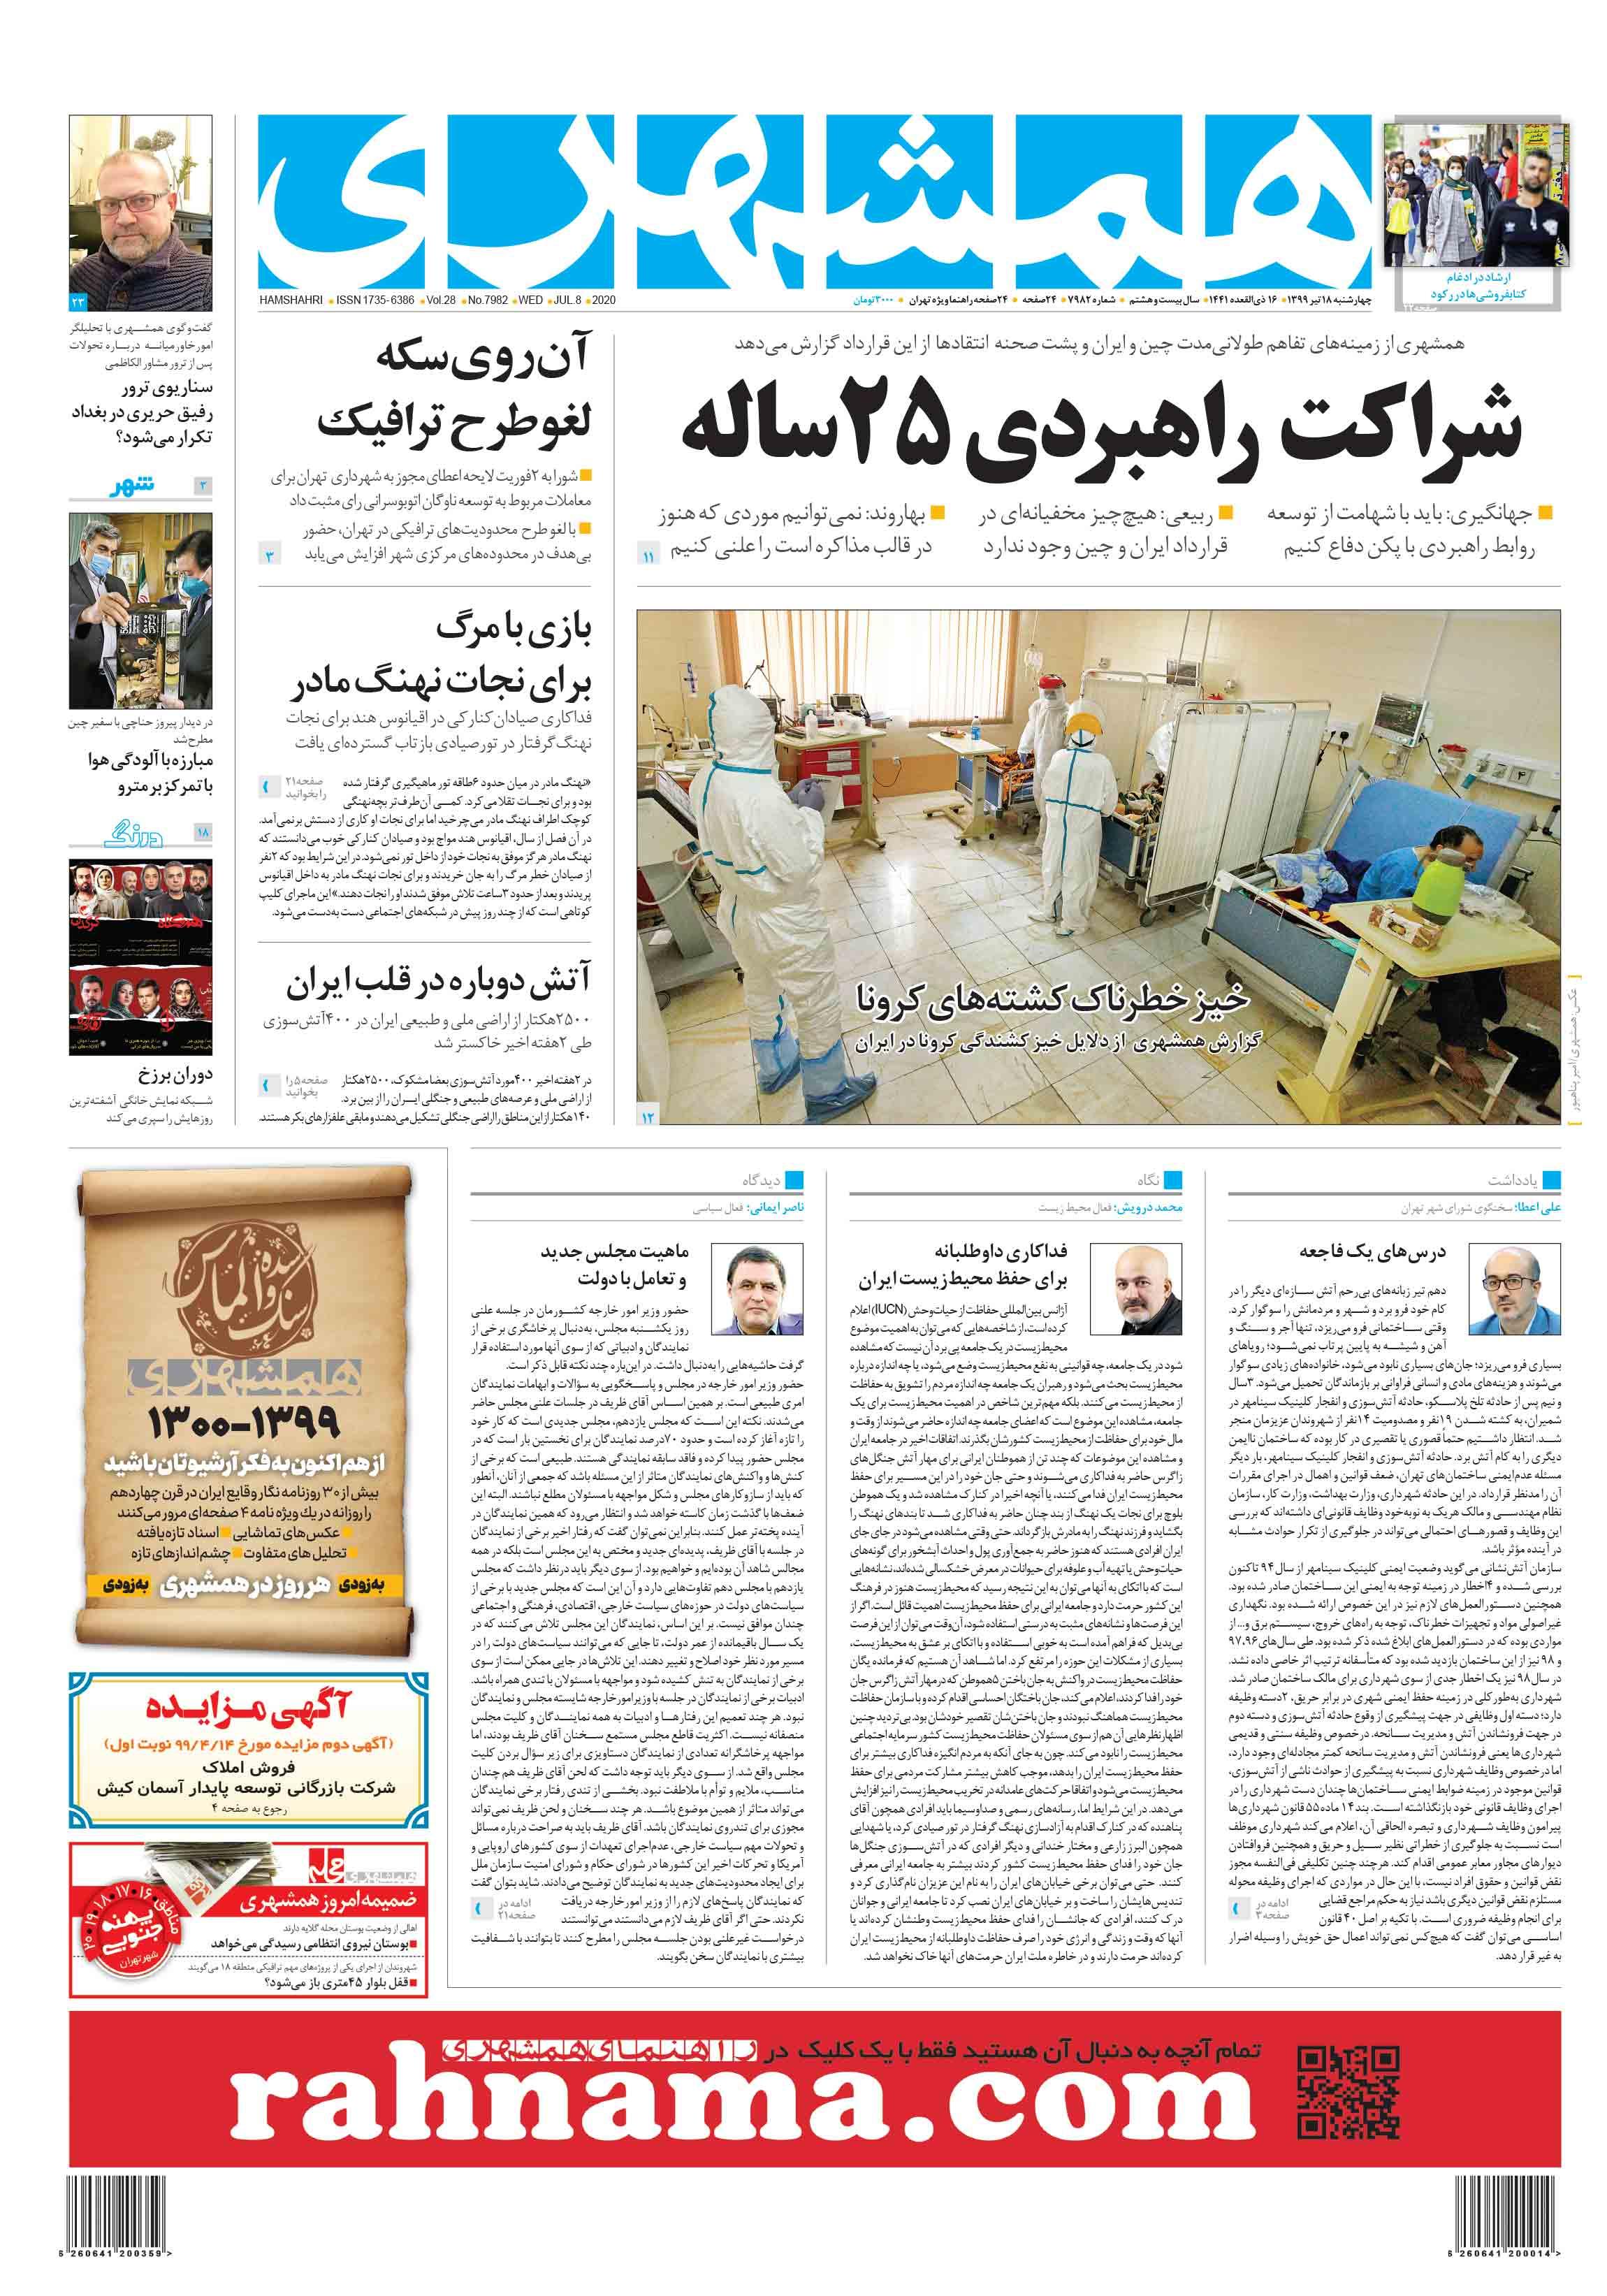 صفحه اول چهارشنبه 18 تیر 1399